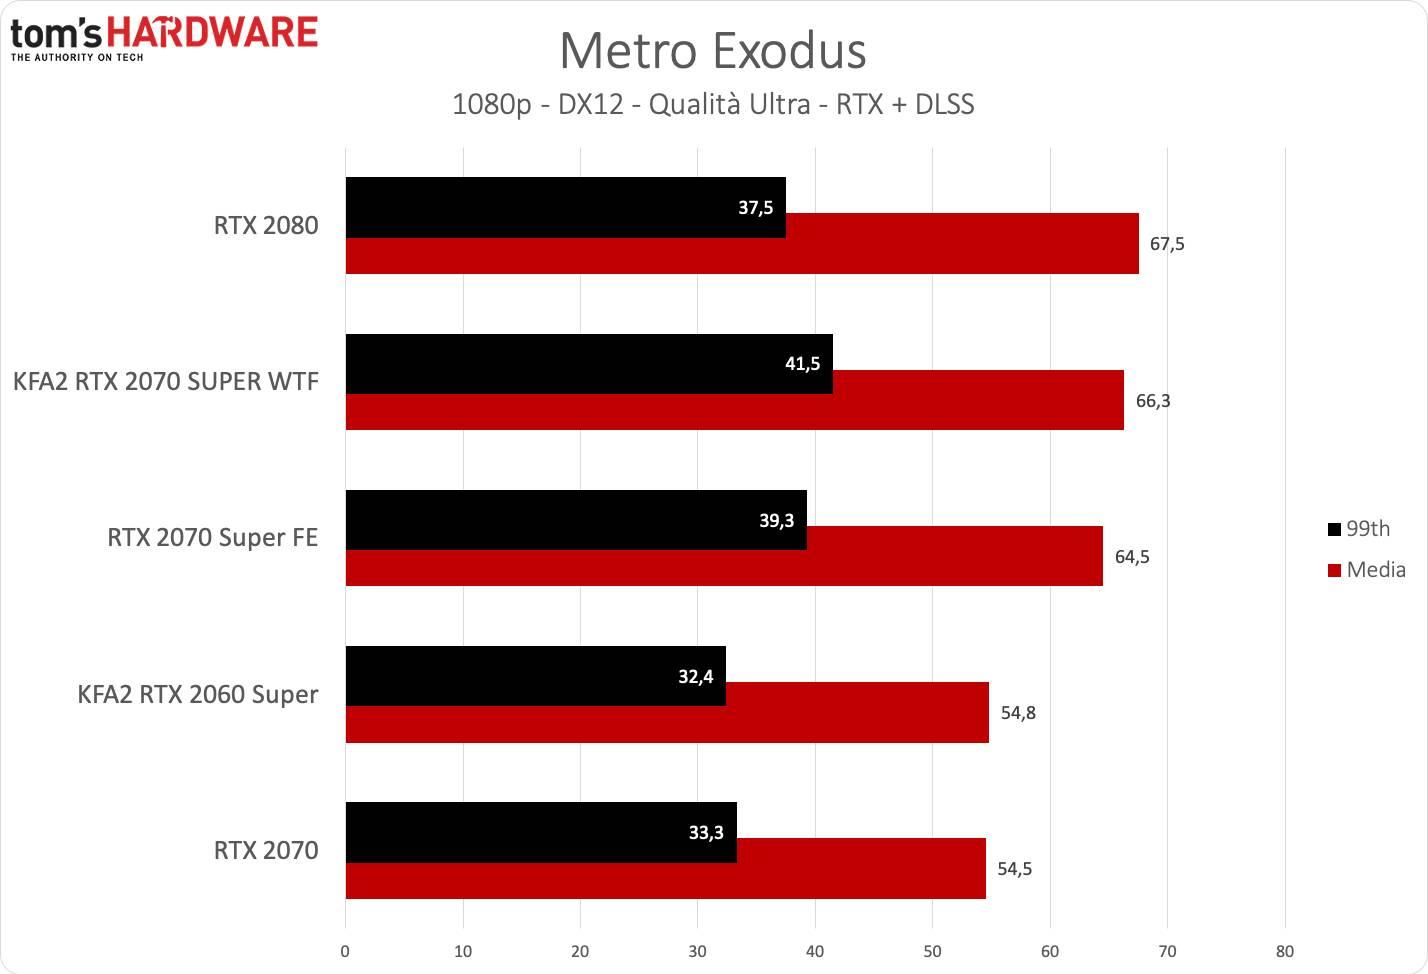 KFA2 RTX 2070 SUPER WTF - Metro FHD DLSS